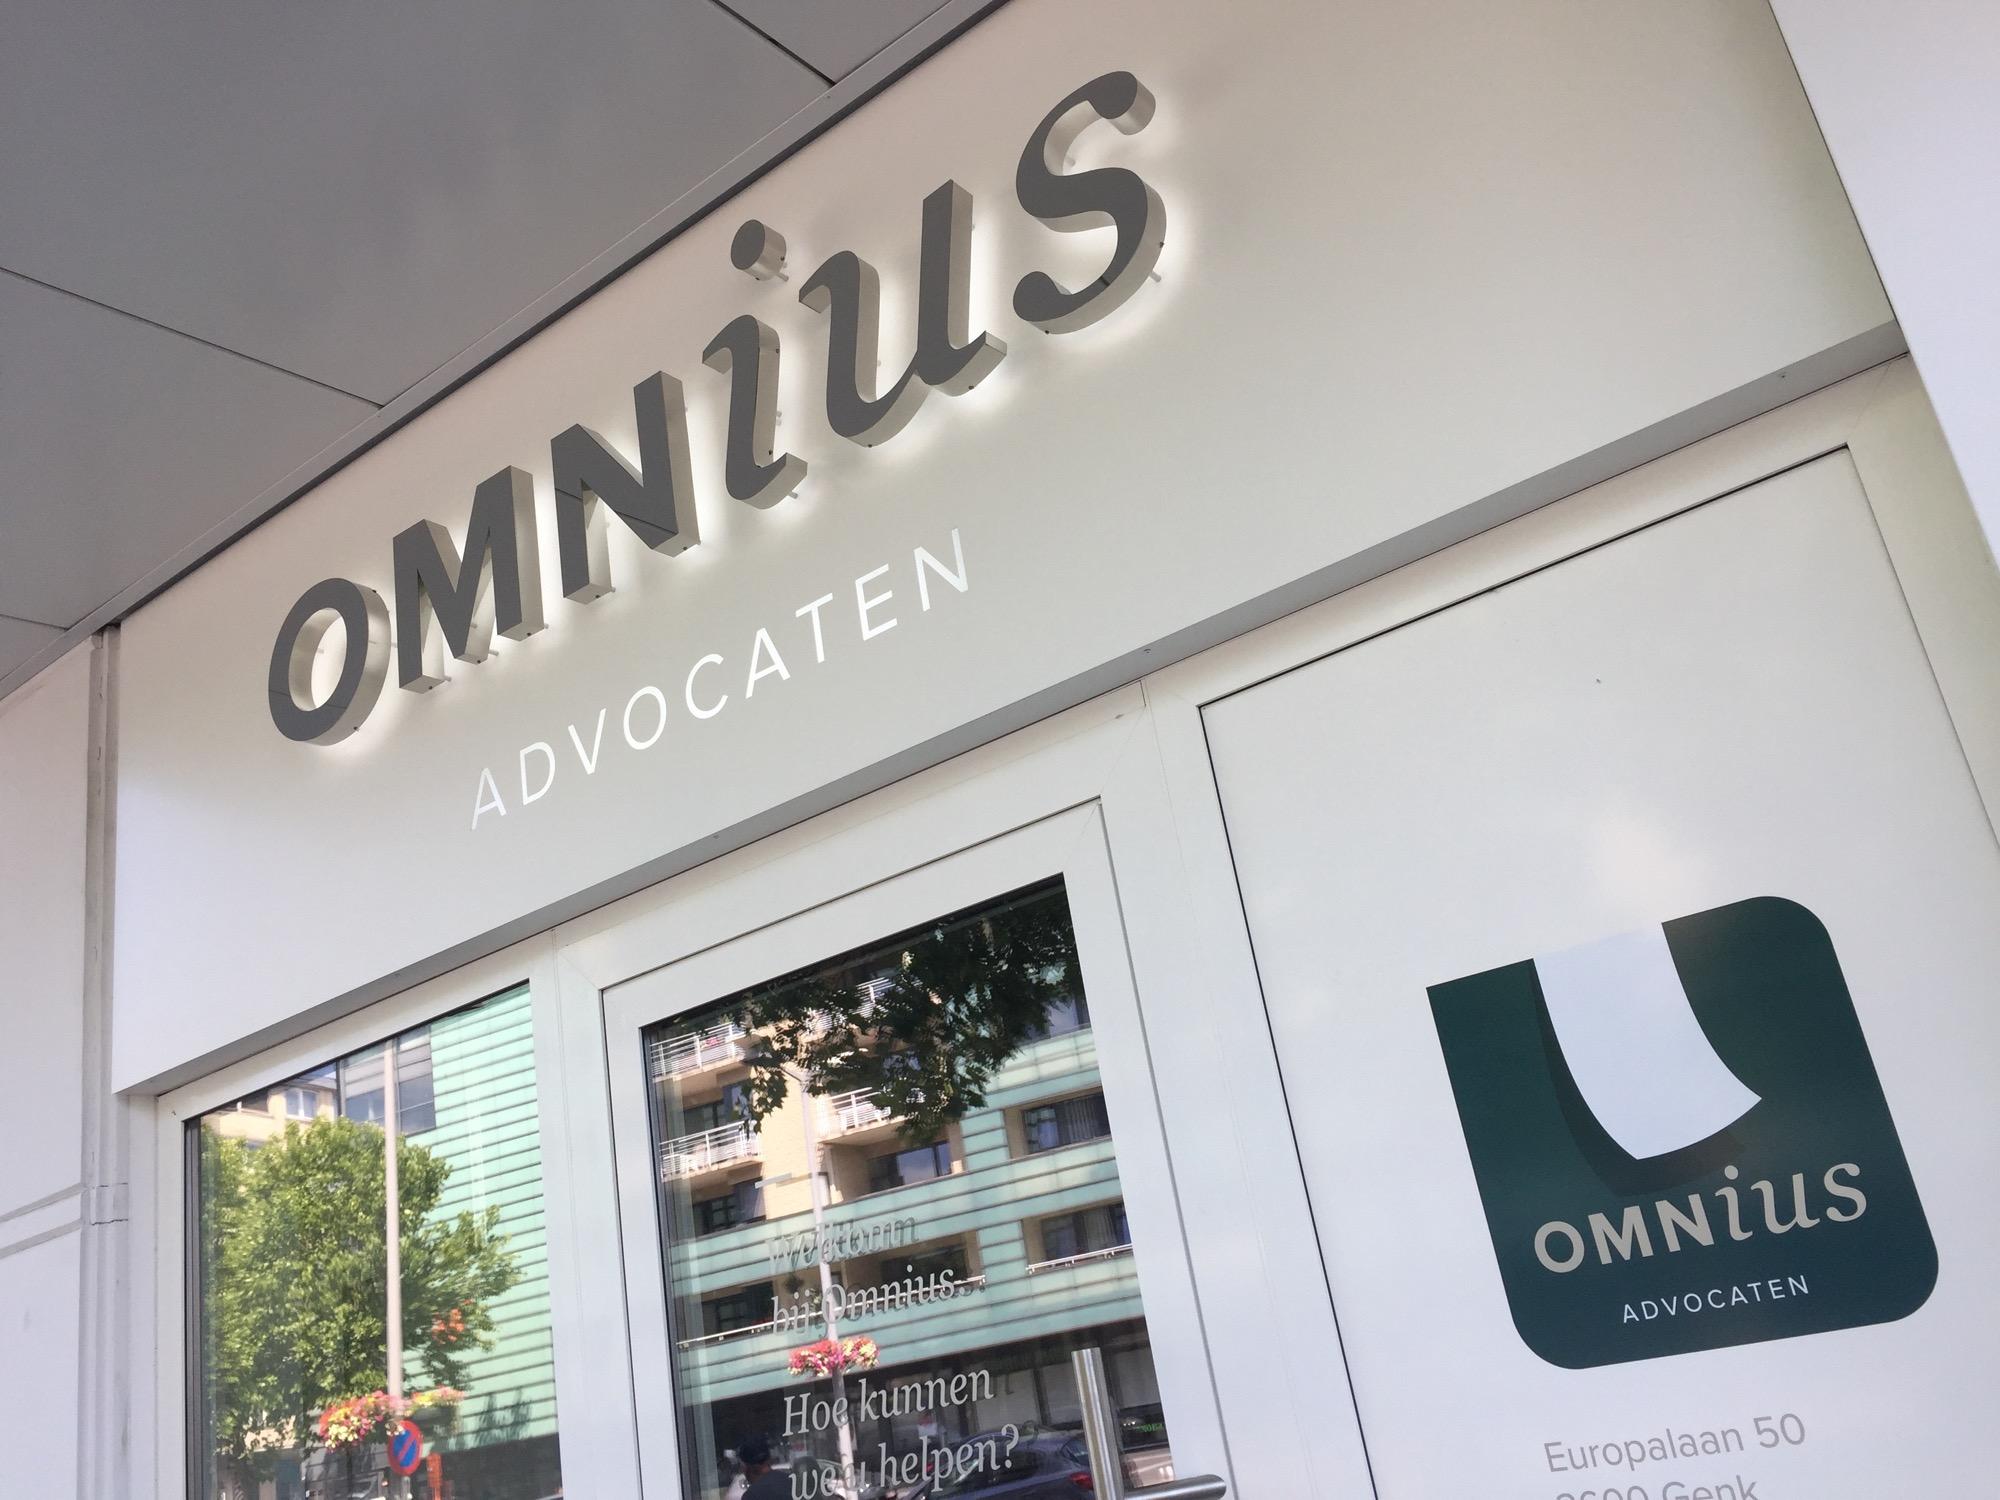 Lichtgevende doosletters op de gevel van Omnius advocaten.